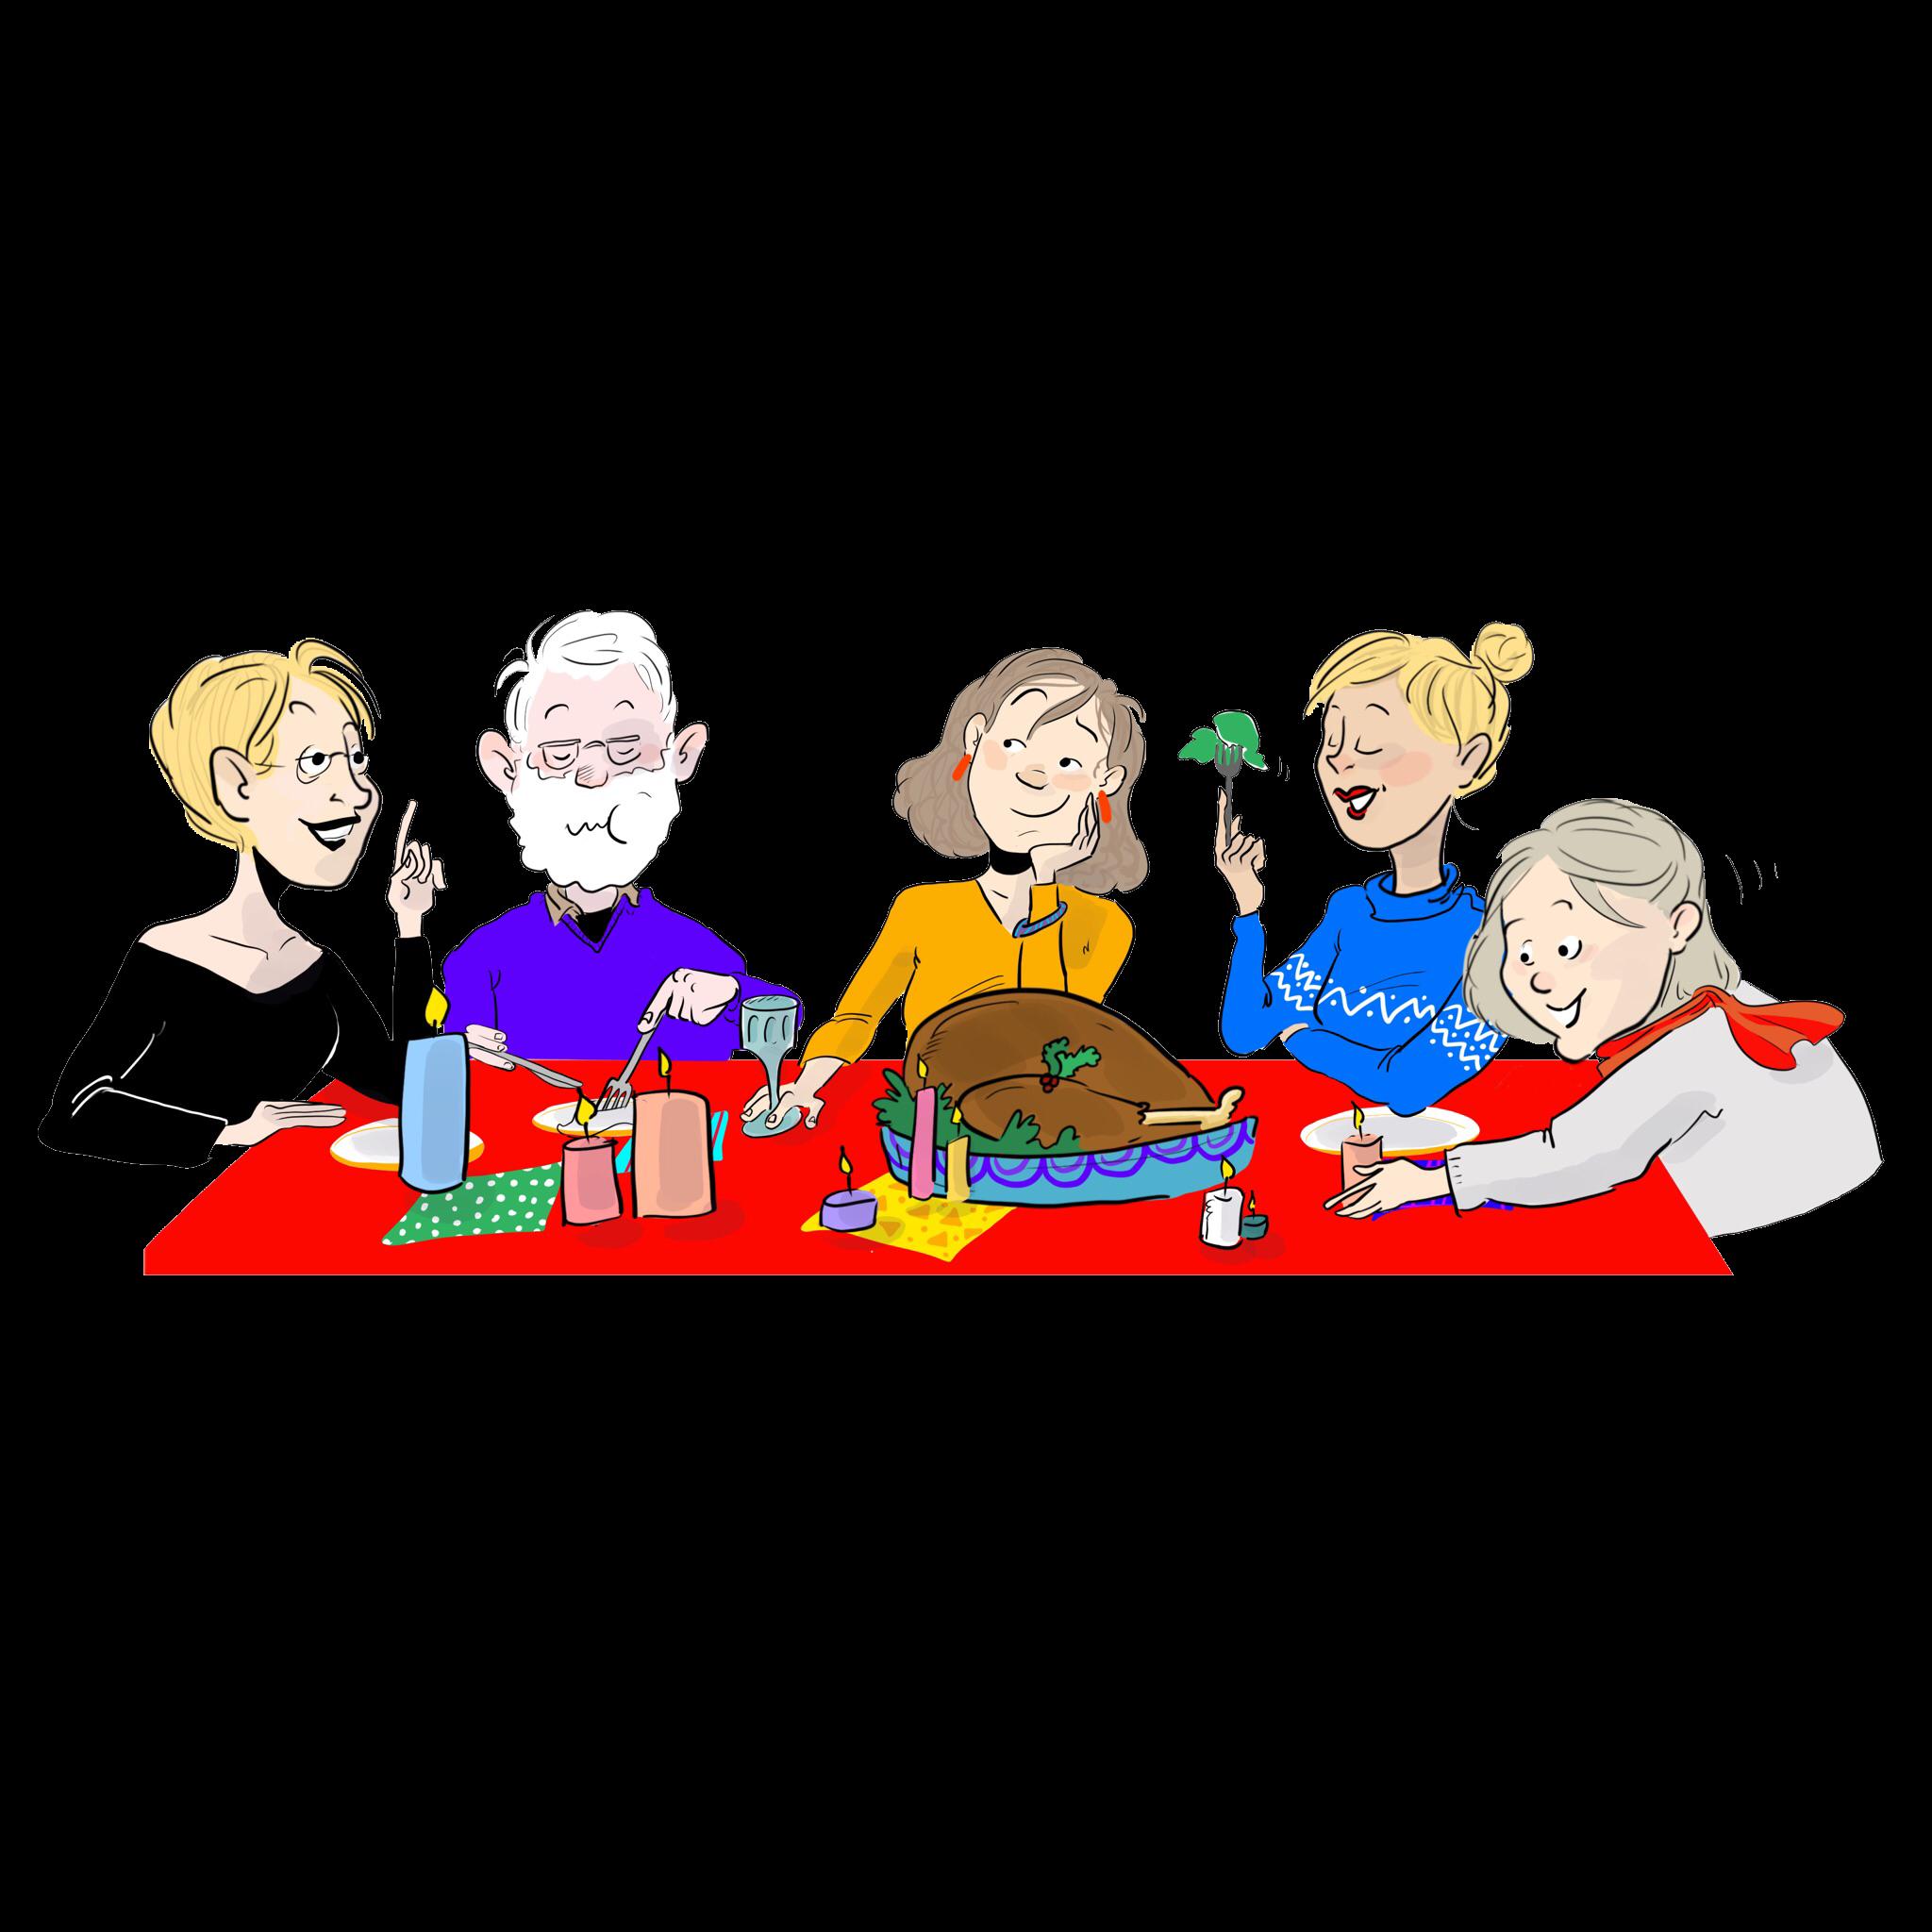 Comment Passer De Bonnes Fetes En Famille M Ton Couple